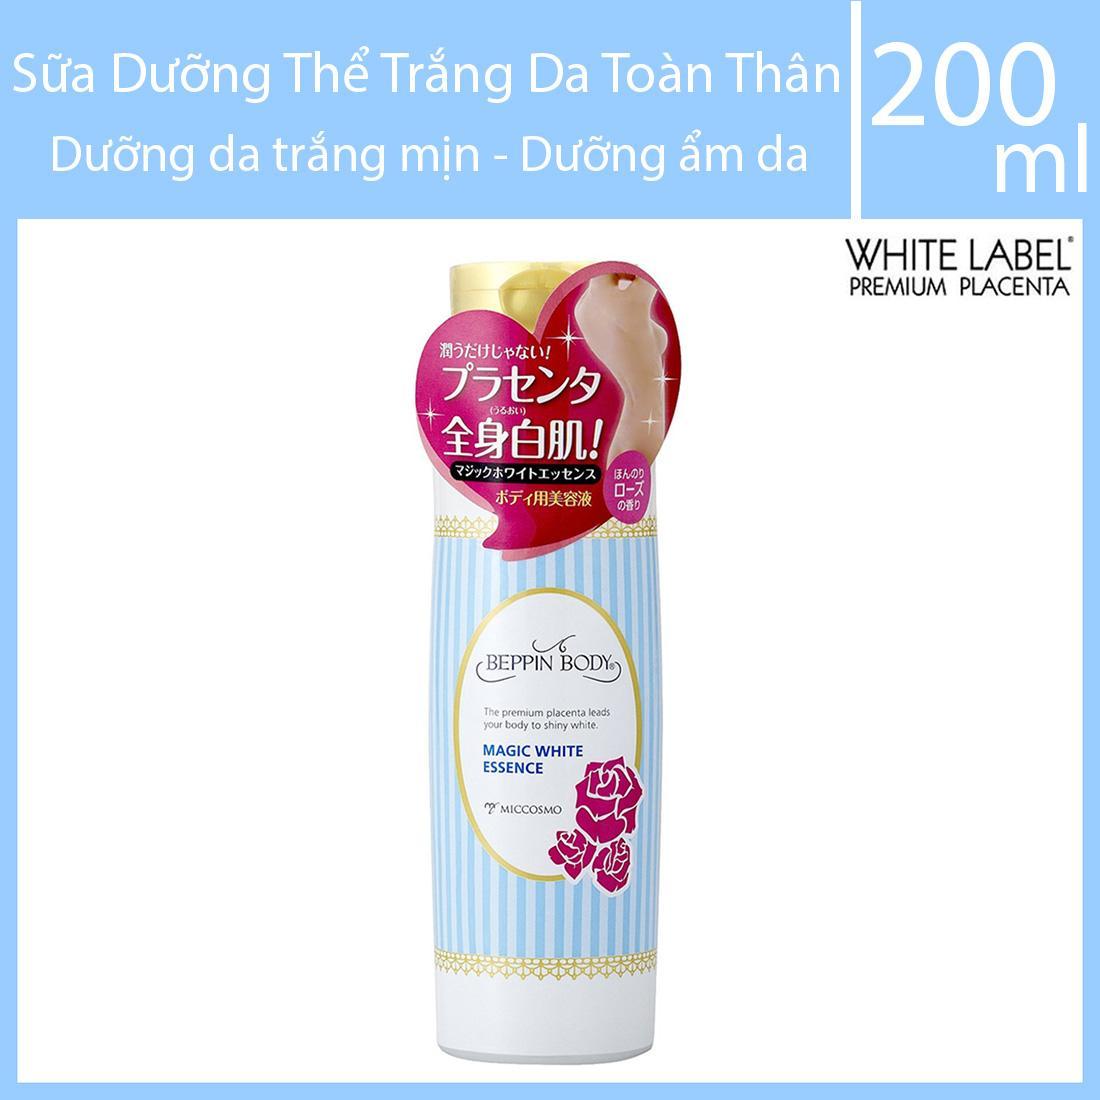 Sữa Dưỡng Thể, Dưỡng Trắng Da Toàn Thân Beppin Body Magic White Essence 200ml - Dưỡng da trắng mịn, dưỡng ẩm hiệu quả cho da